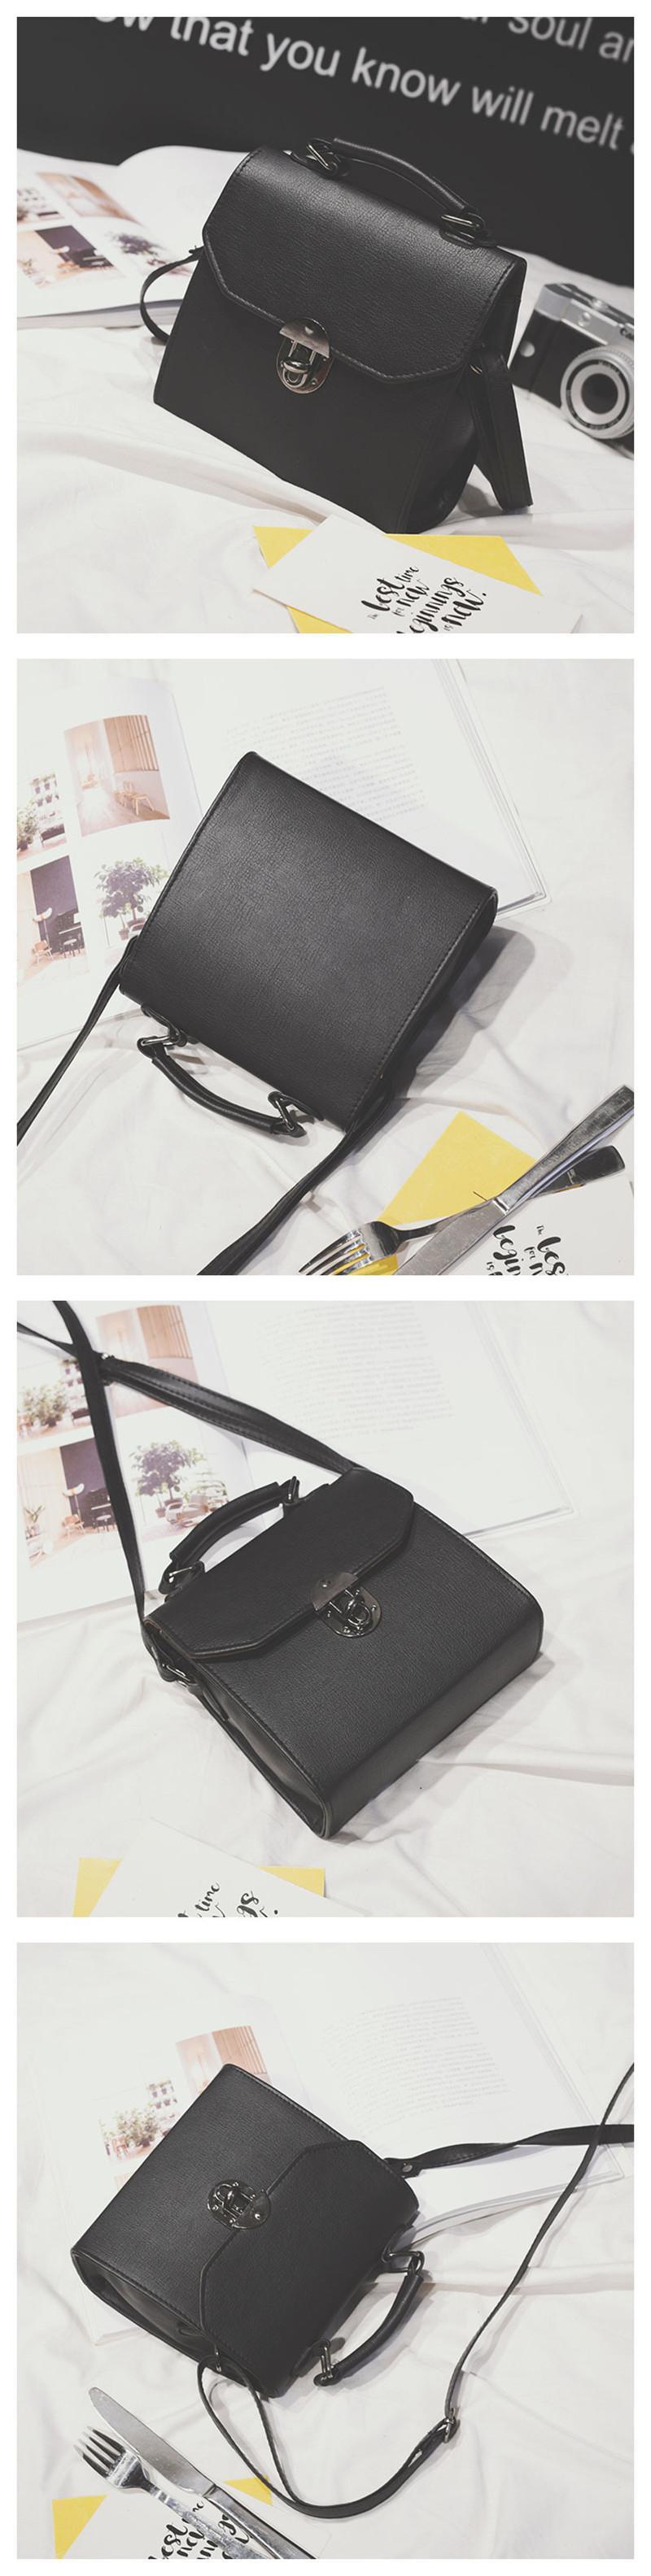 2018 Spring New Fashion Retro Oblique Cross Handbag Shoulder Bag Lock Small Bag Women Messenger Bags Hot Sale